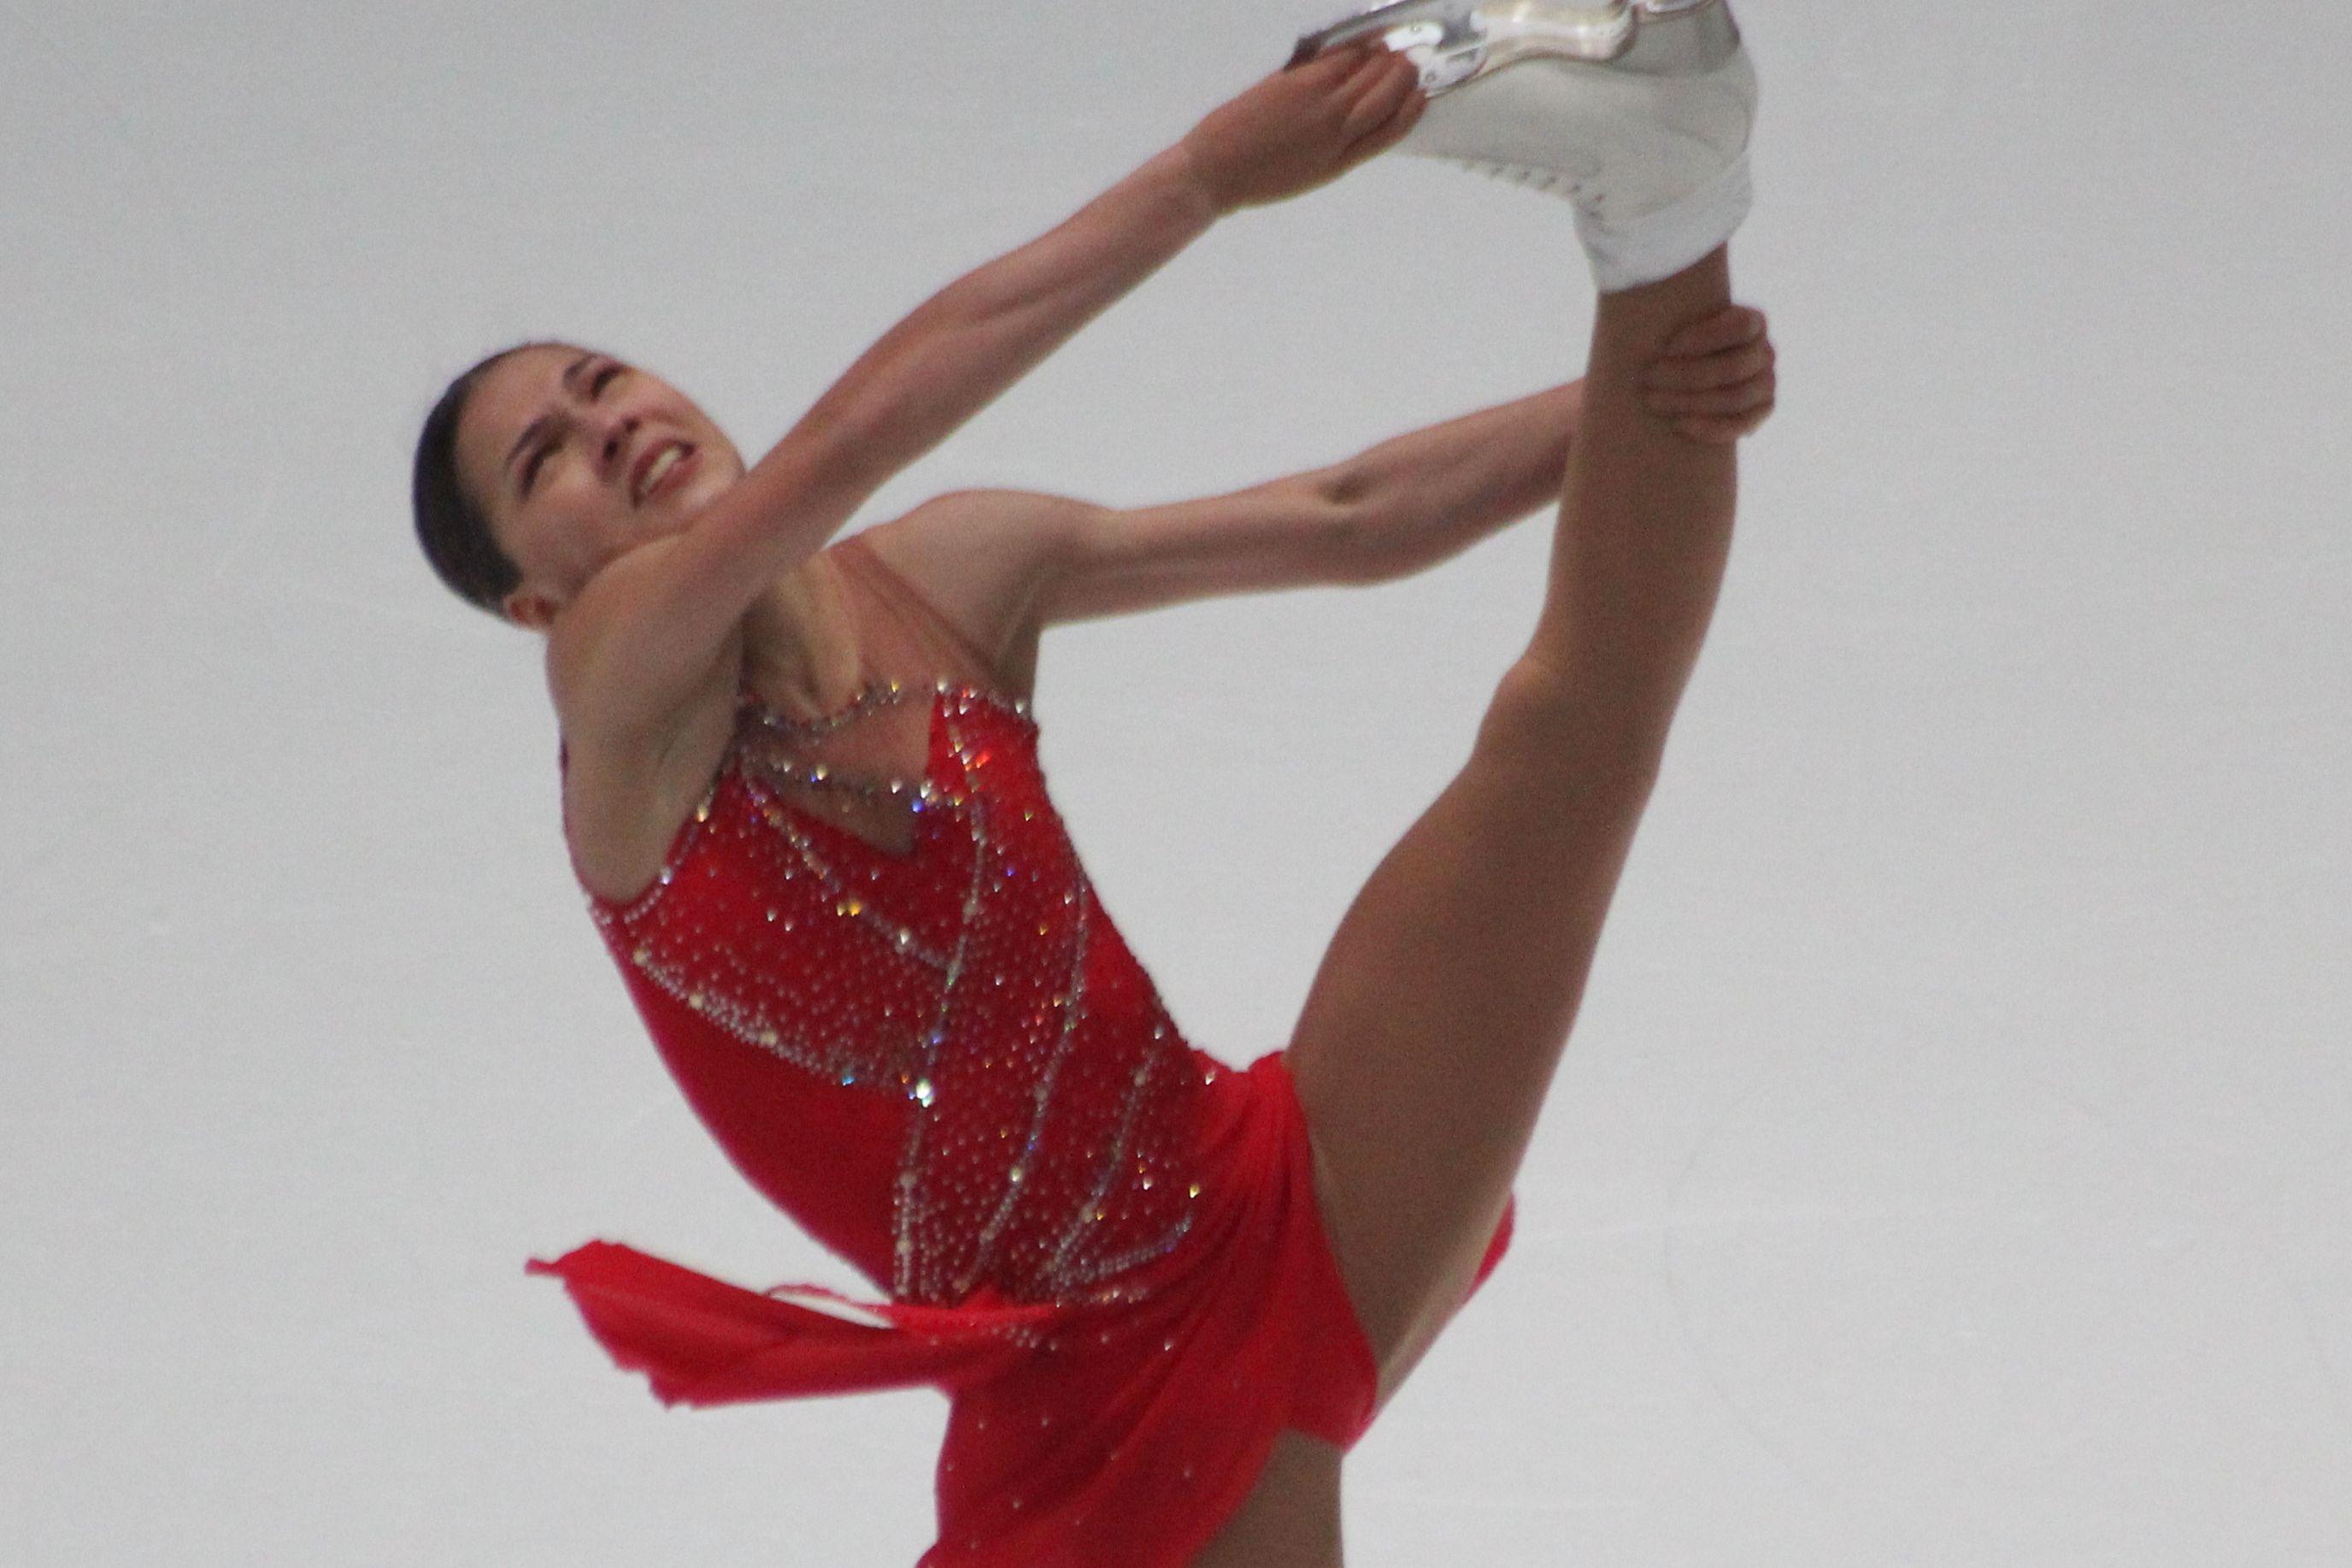 Фигуристка Константинова выступит на соревнованиях в конце марта